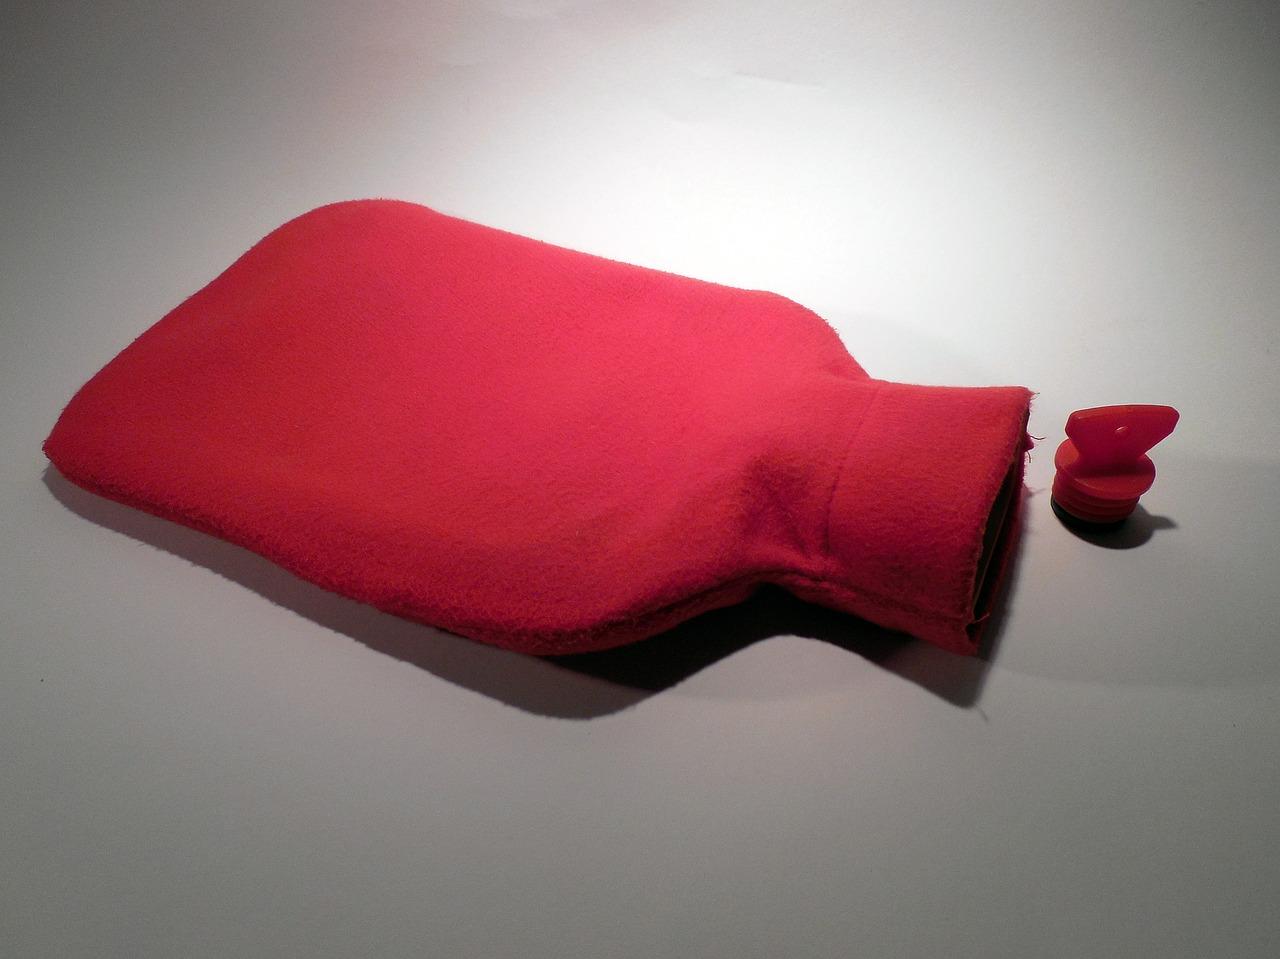 Nőgyógyászati Központ, 1015 Budapest, Ostrom utca 16. - Erős, fájdalmas menstruációs vérzés- mi okozhatja? -